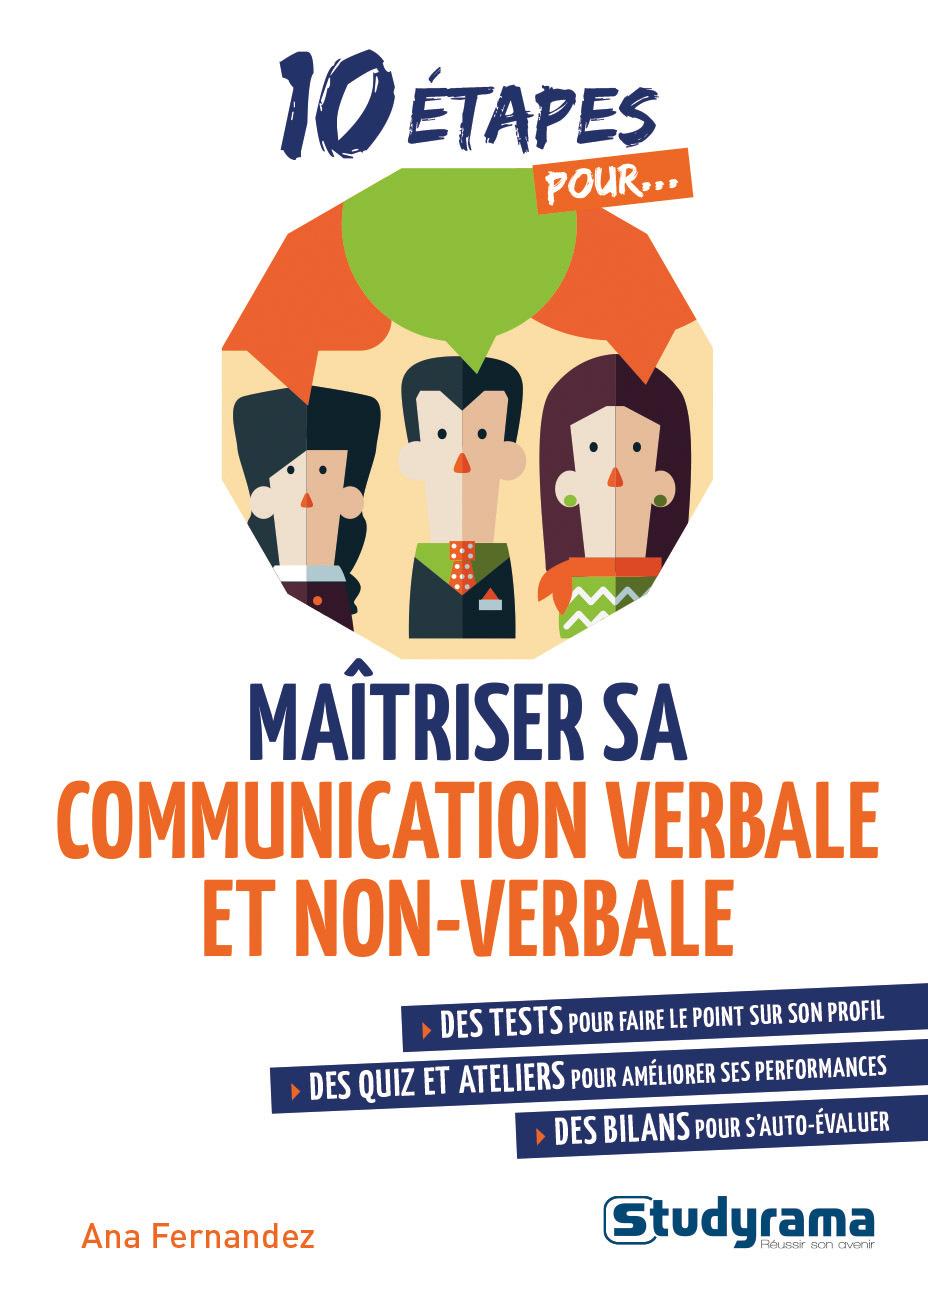 10 ETAPES POUR... MAITRISER SA COMMUNICATION VERBALE ET NON VERBALE